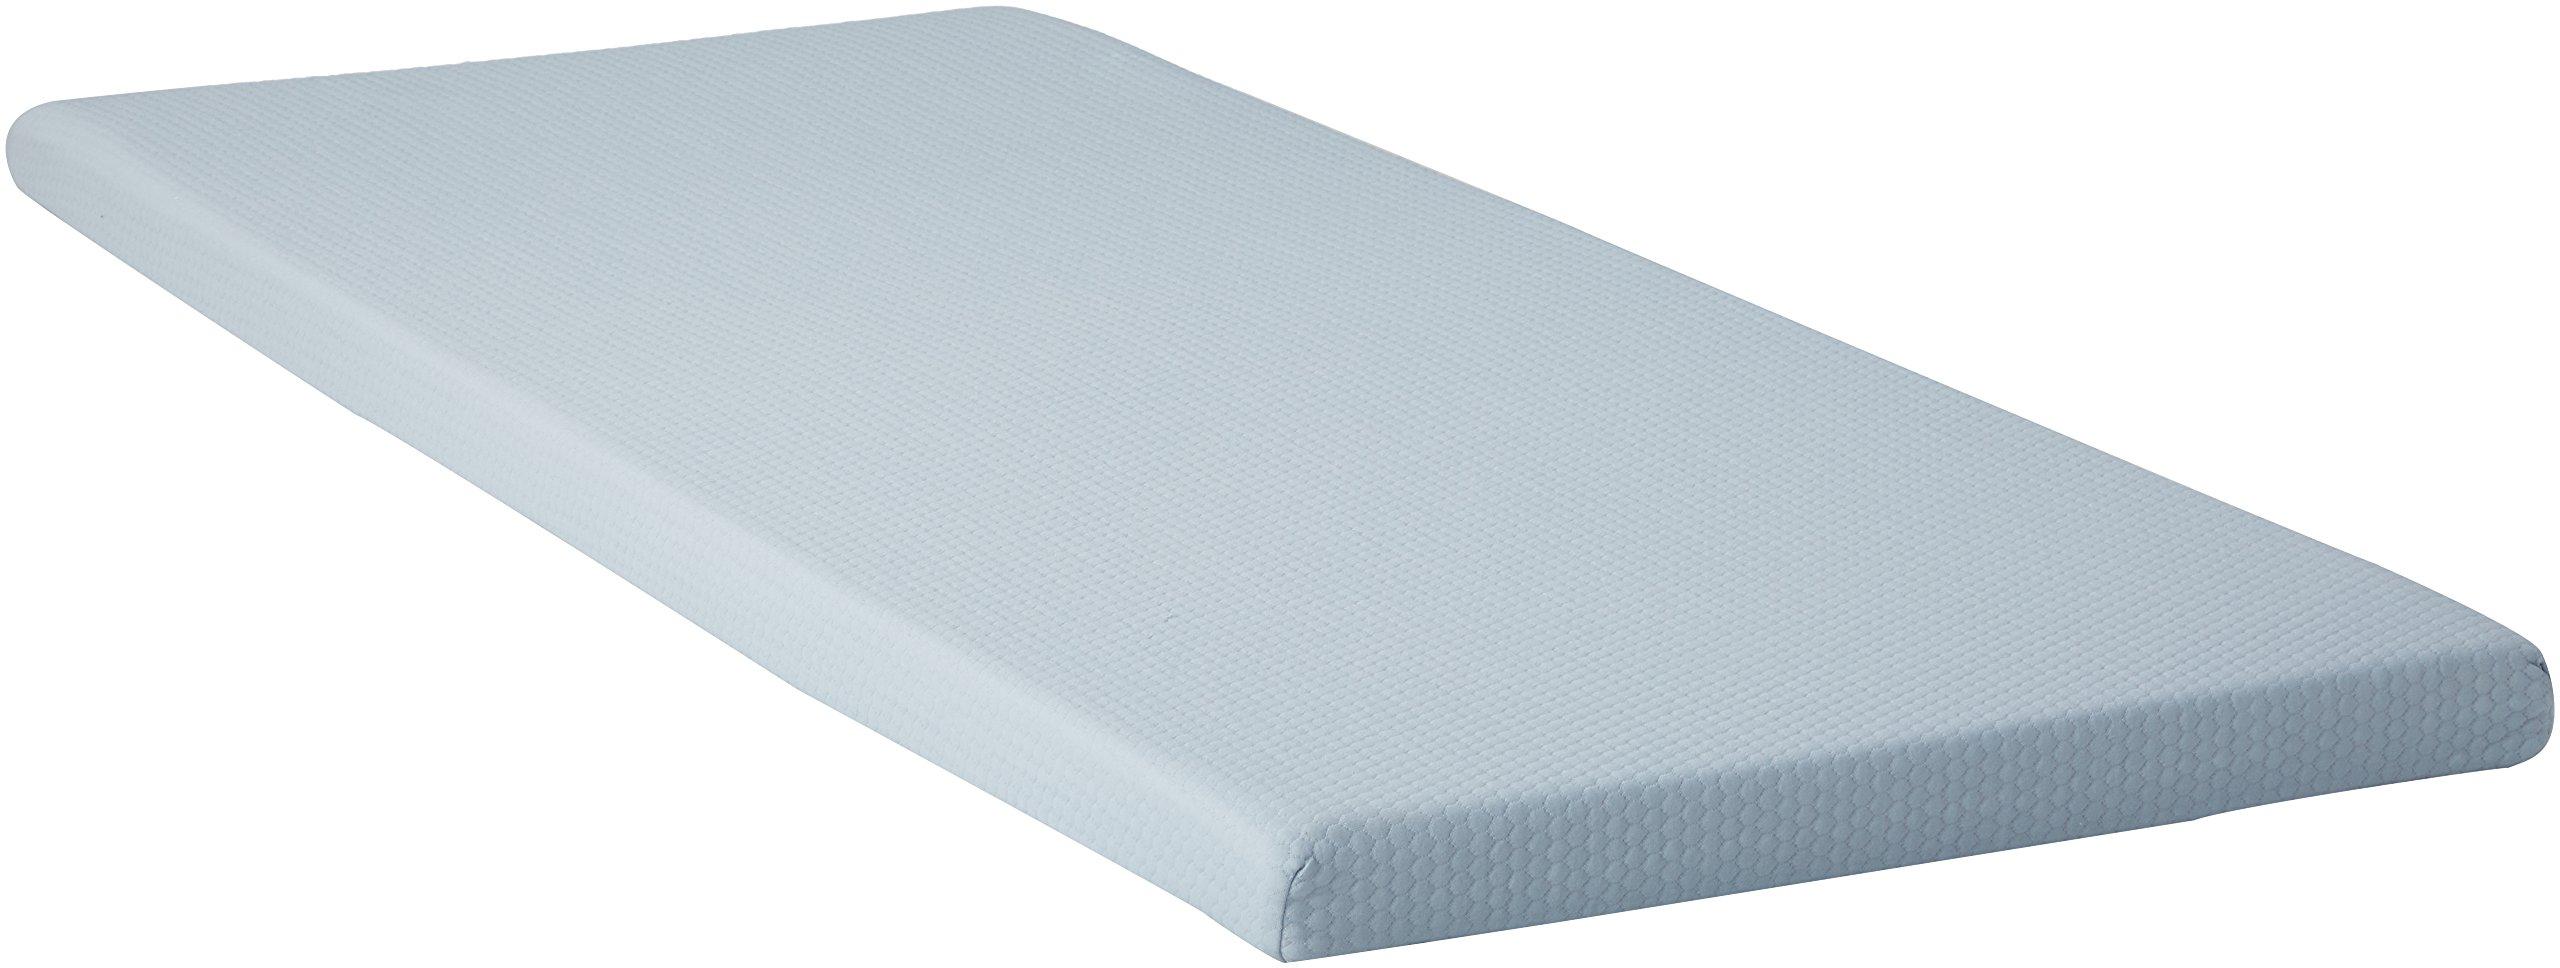 Simmons BeautySleep Siesta Memory Foam Mattress: Roll-Up Bed/Floor Mat, 3'' Twin